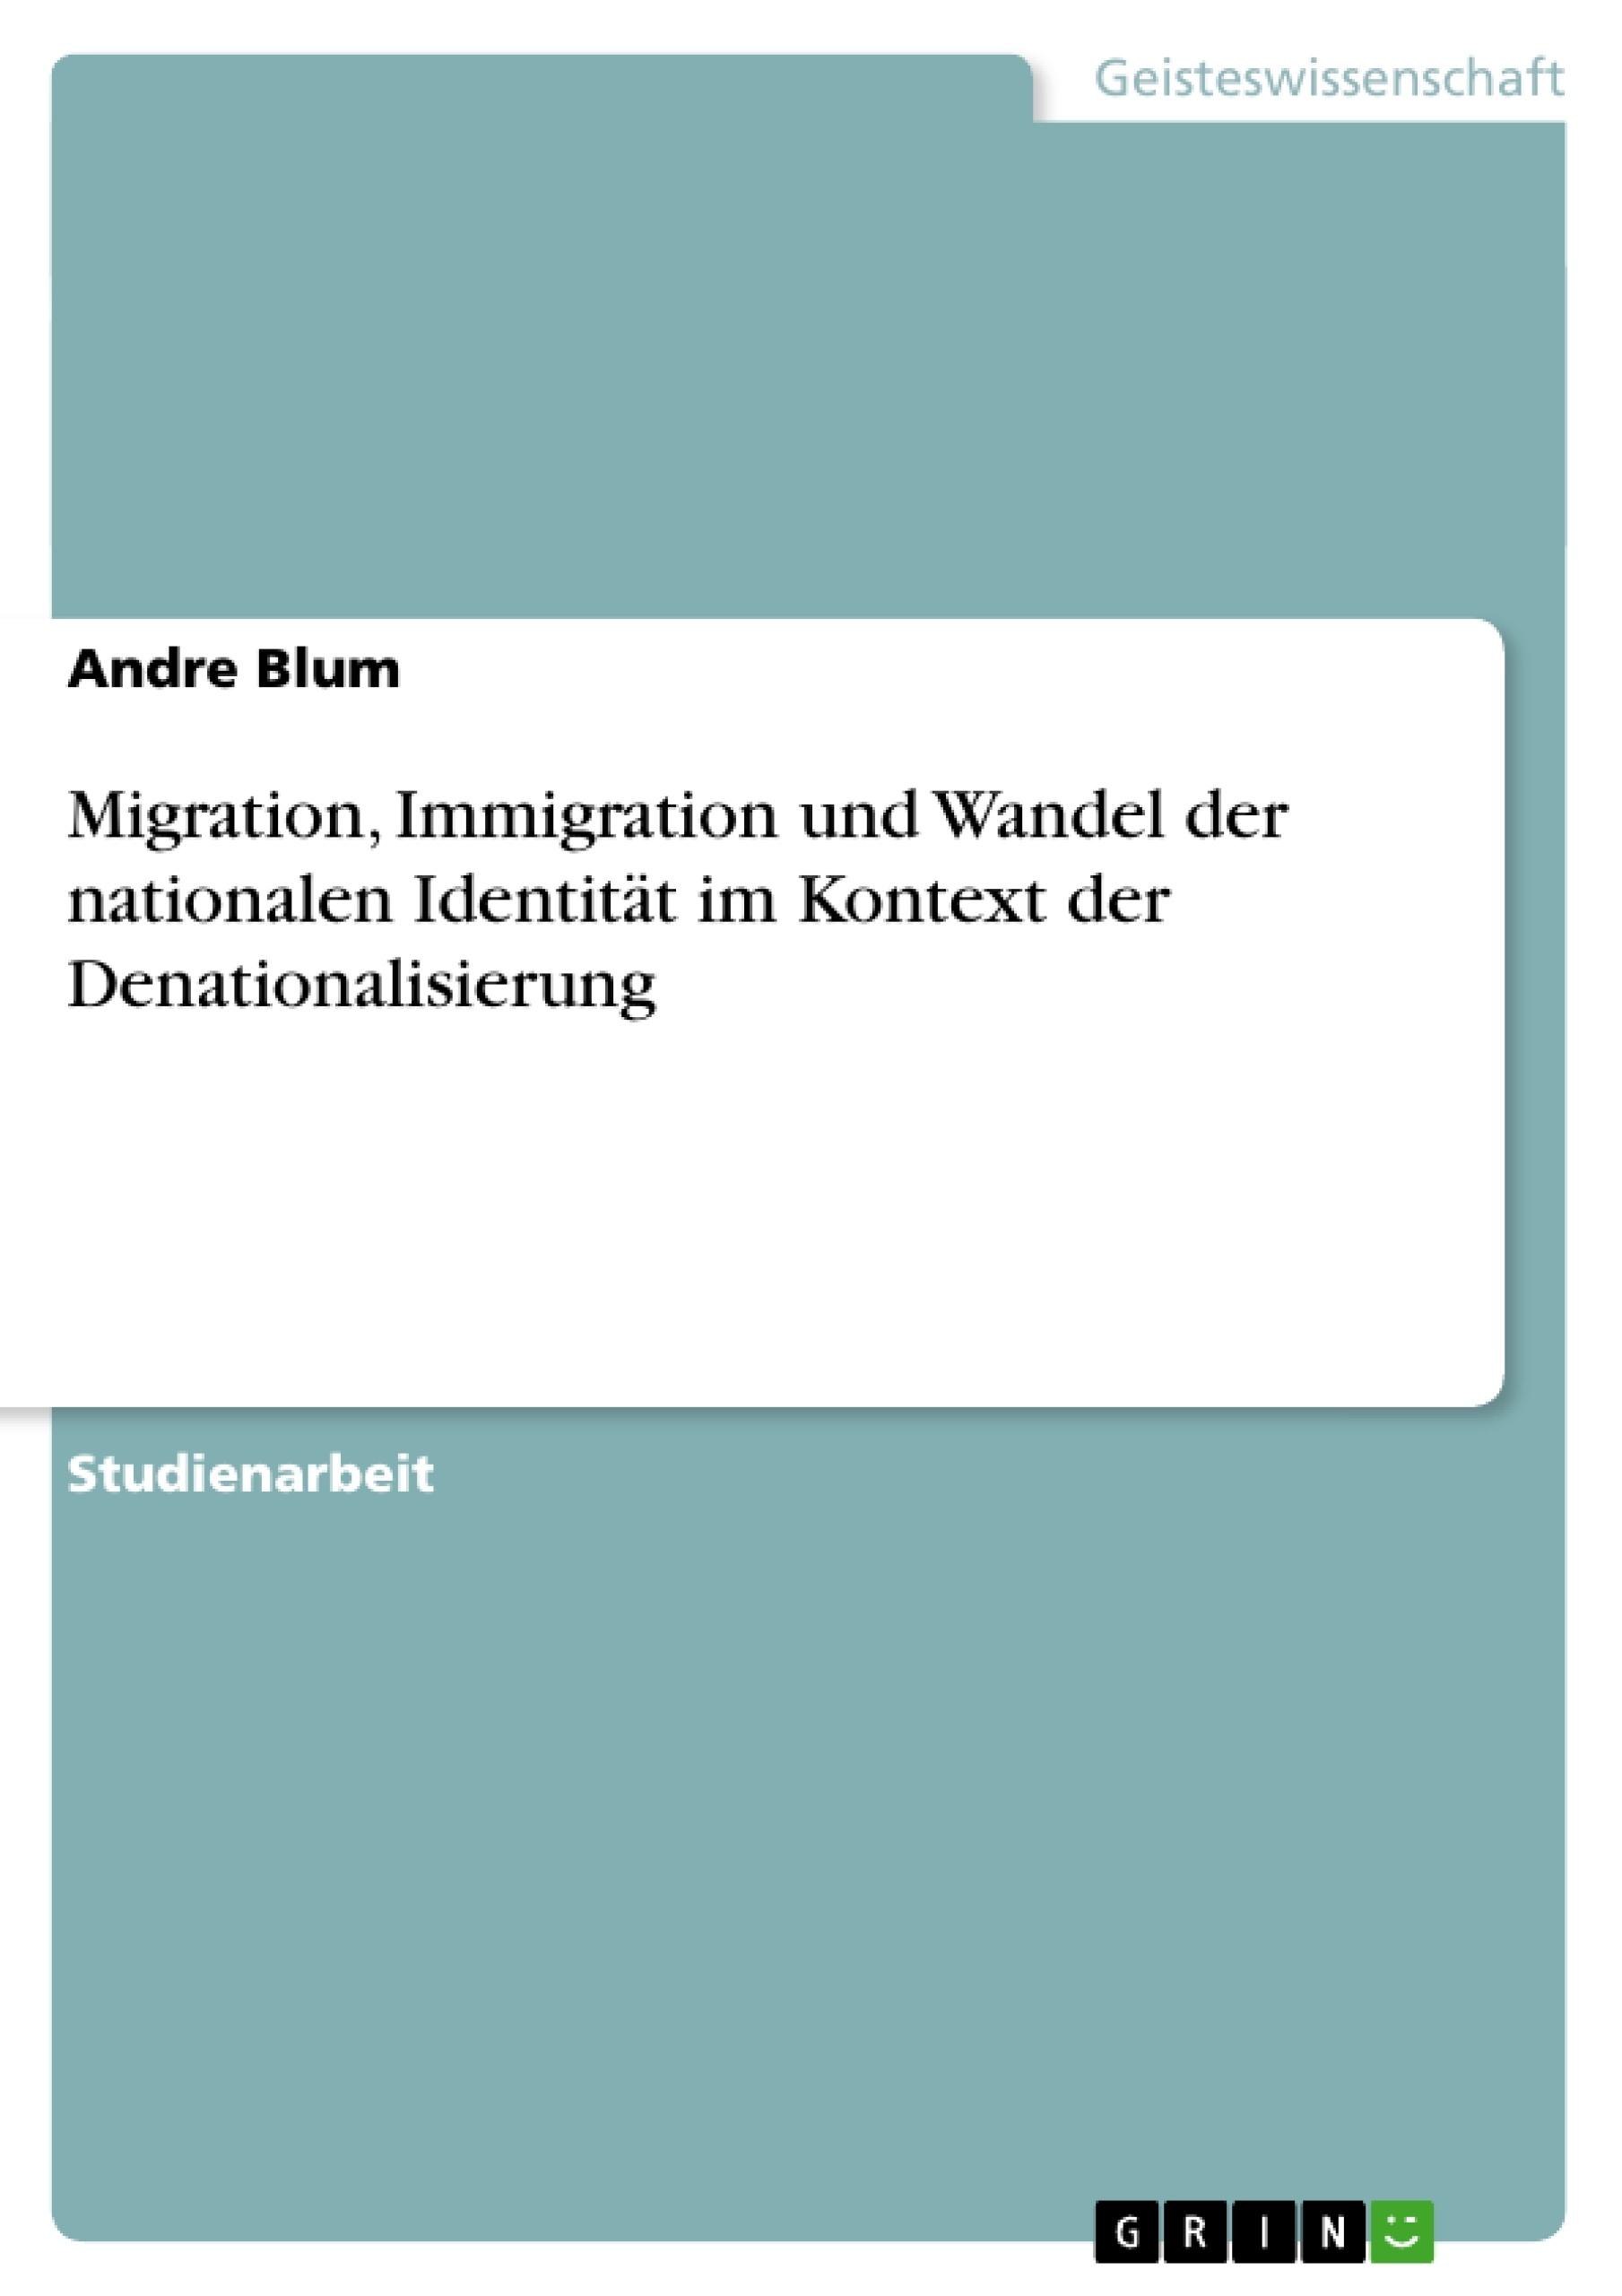 Titel: Migration, Immigration und Wandel der nationalen Identität im Kontext der Denationalisierung